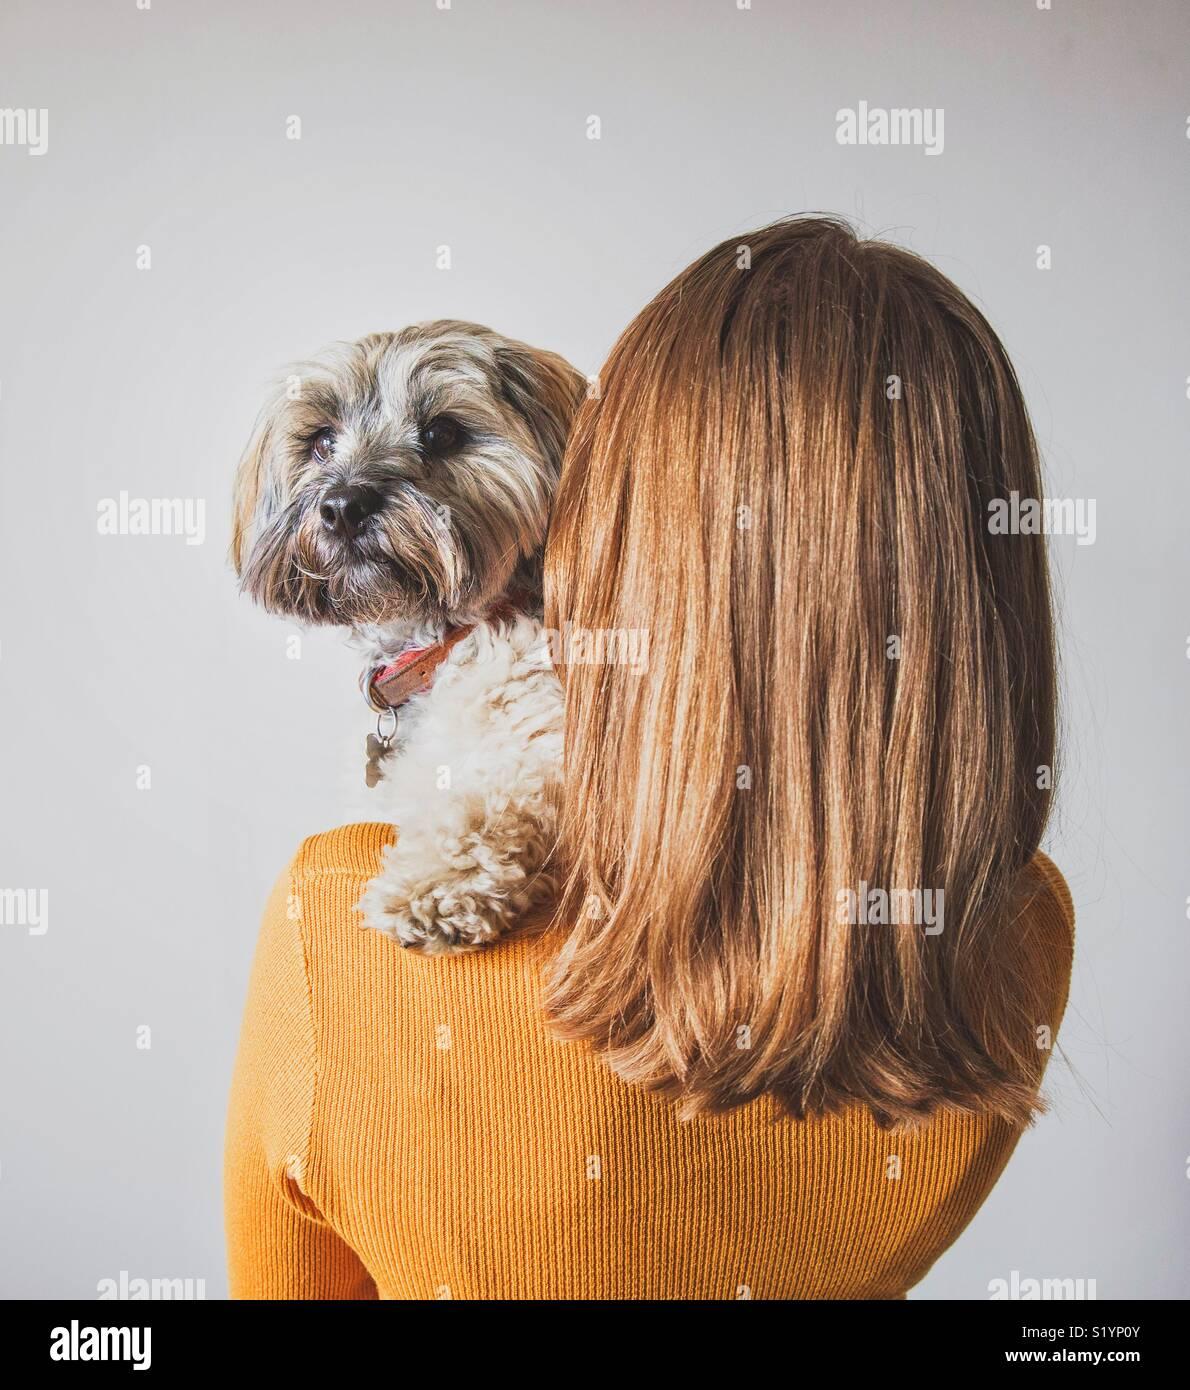 Une vue arrière d'une jeune fille à la mode avec des cheveux brillants tenant son chien mignon sur son épaule Photo Stock